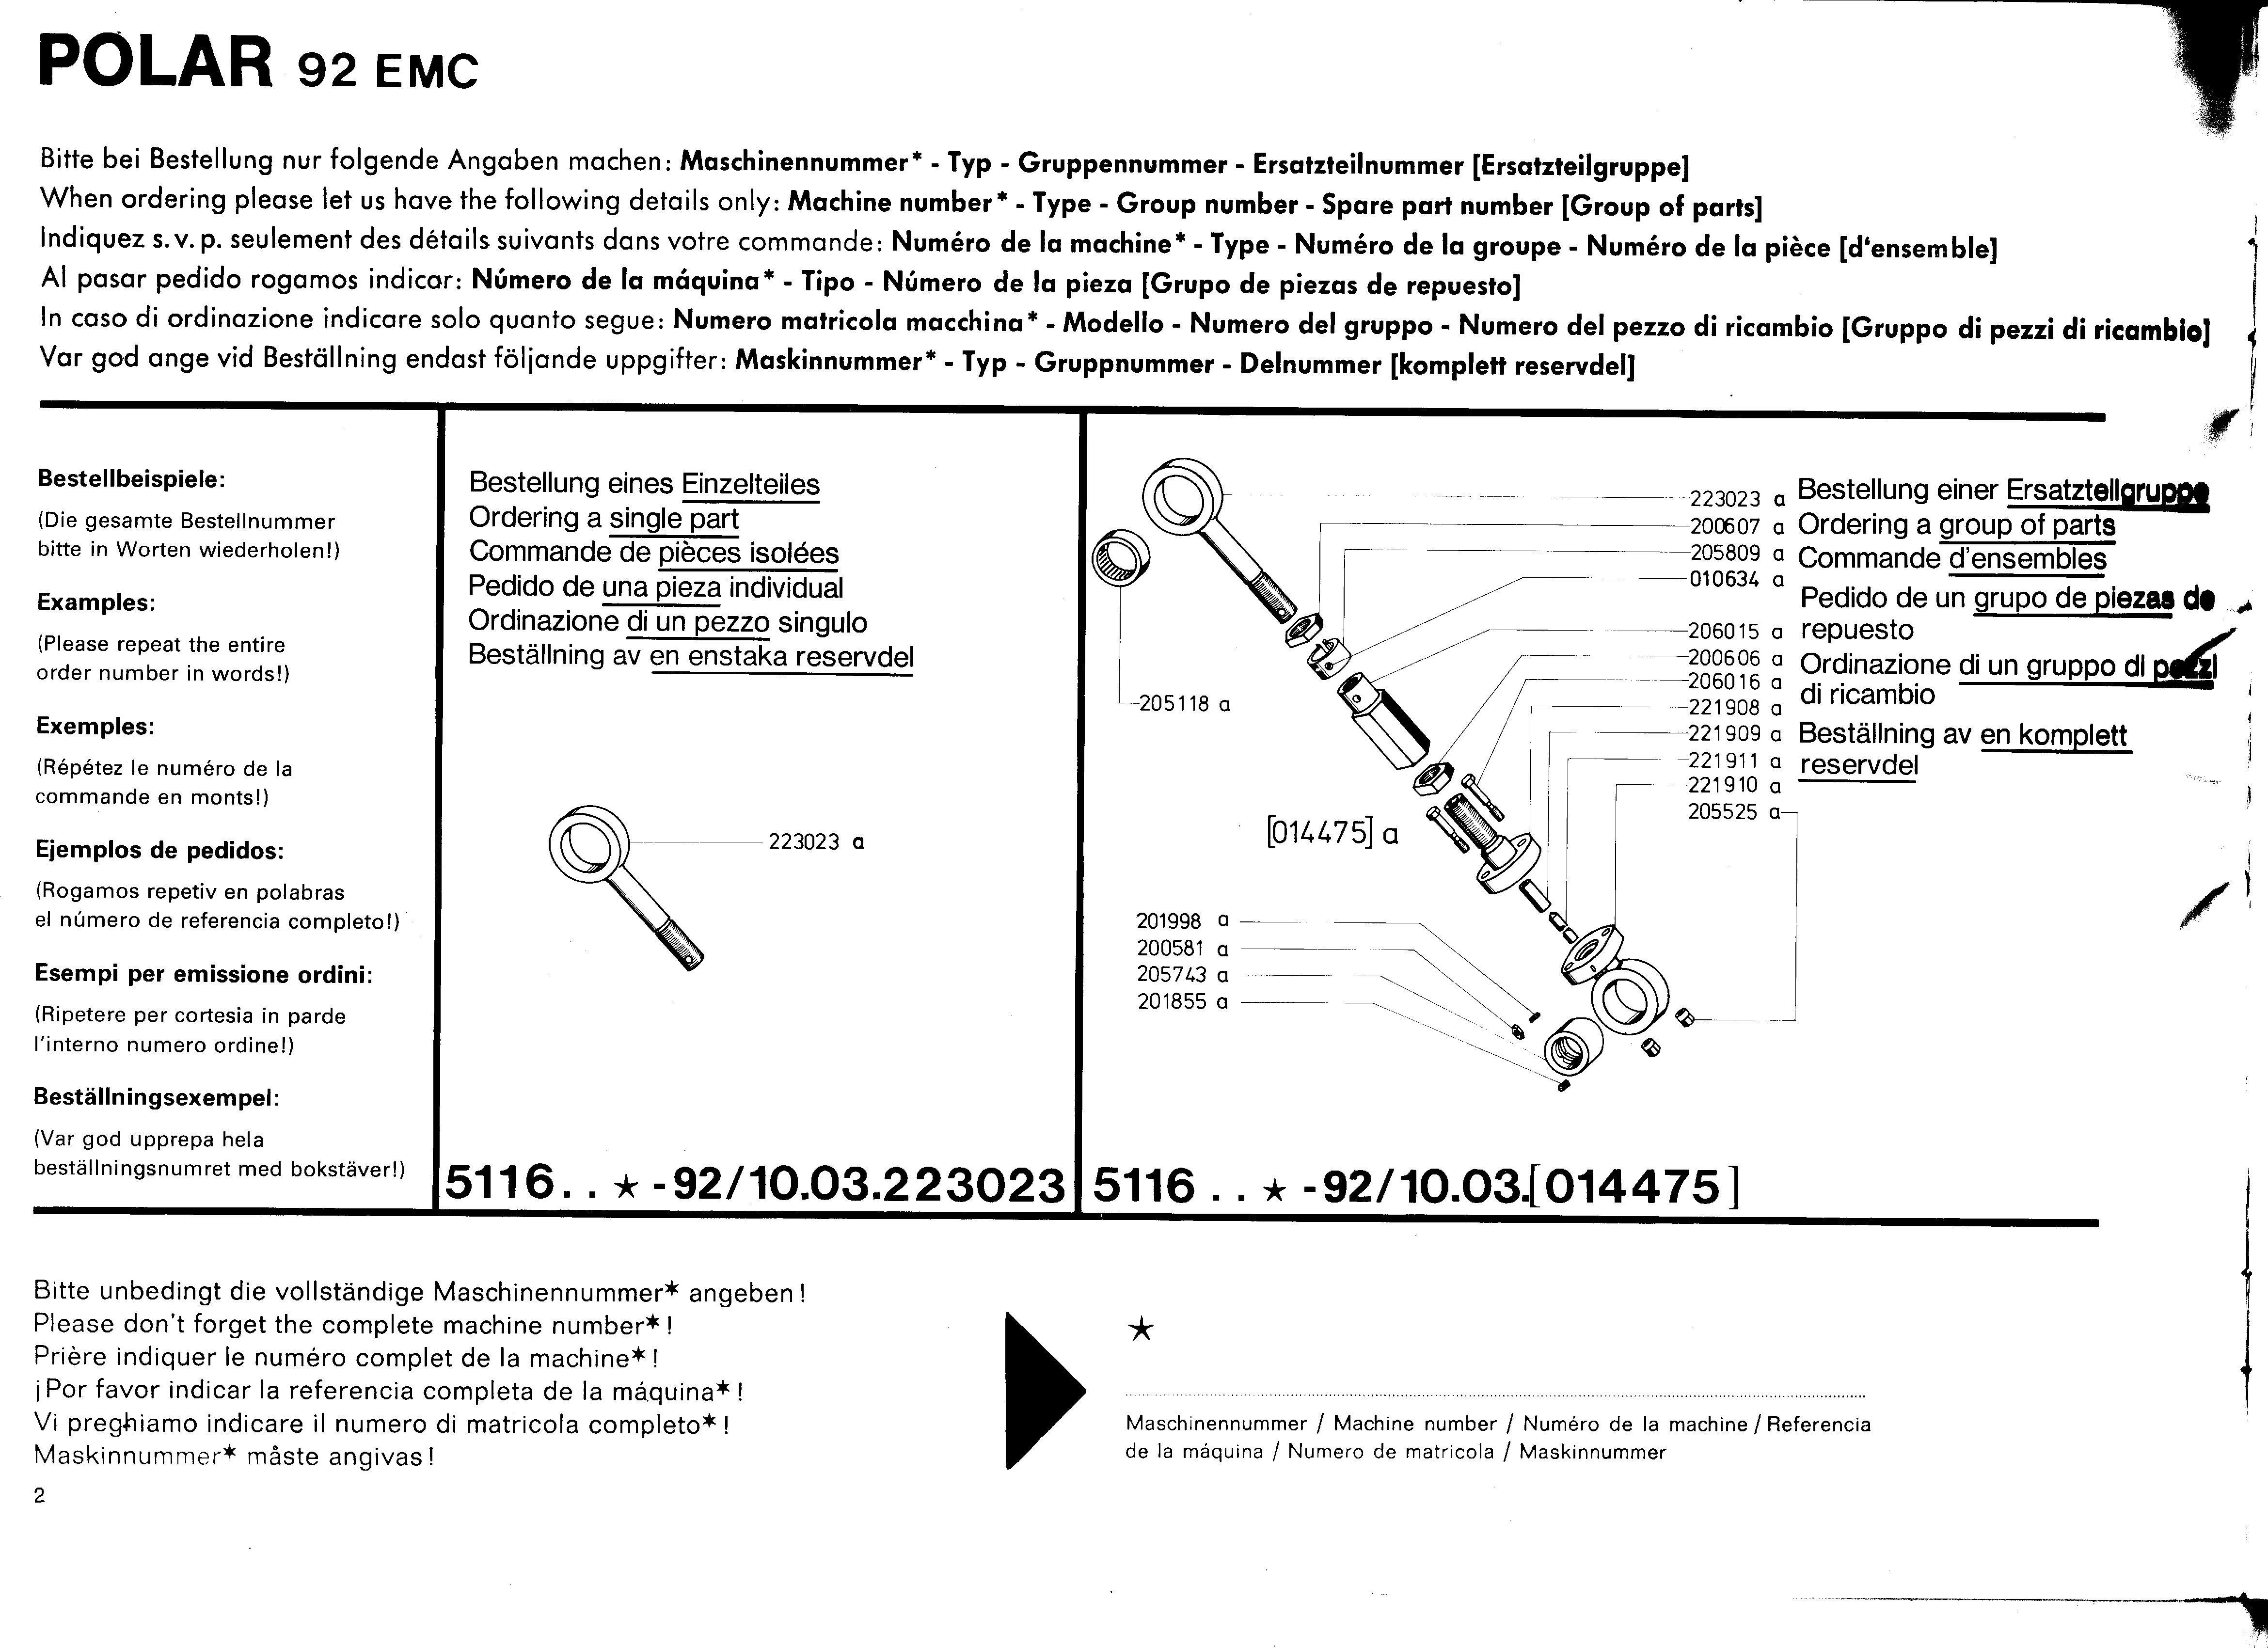 Polar 92EMC-1---001